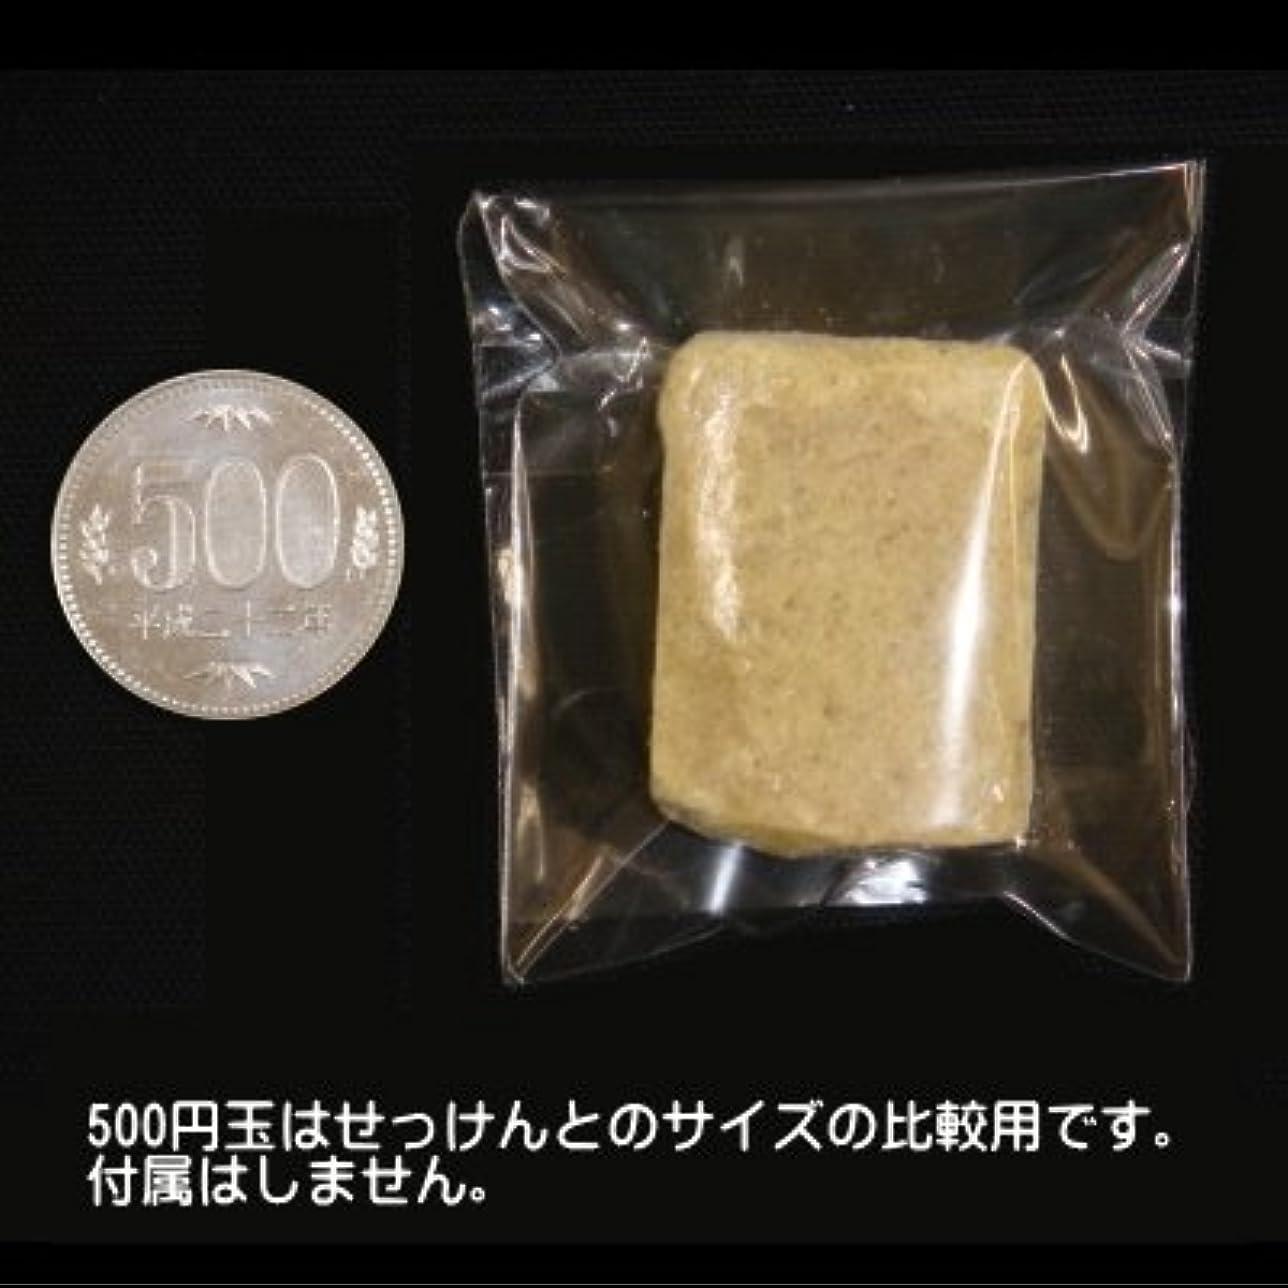 ダニ監査研究緑茶ノニ石鹸 てづくり野にせっけんお試し用12g(無添加石鹸)